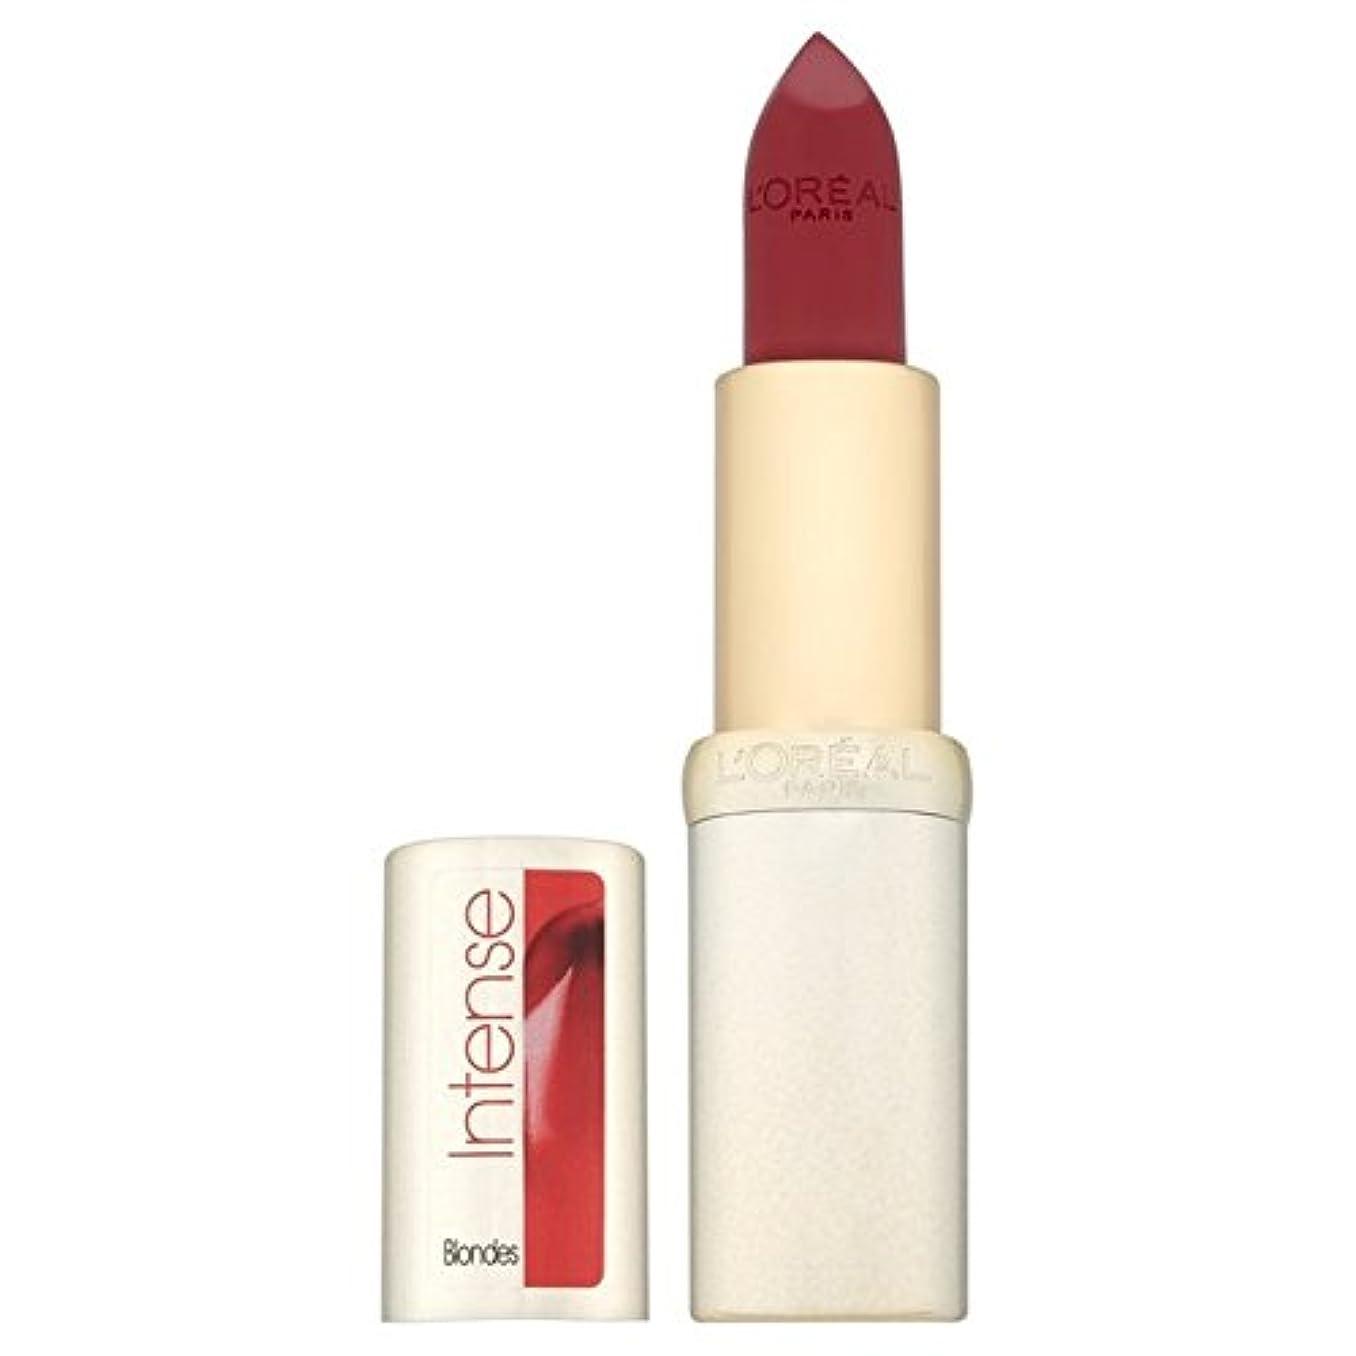 描くひいきにするグリーンバックロレアルパリのカラーリッシュ口紅、376のカシスの情熱 x2 - L'Oreal Paris Color Riche Lipstick, 376 Cassis Passion (Pack of 2) [並行輸入品]